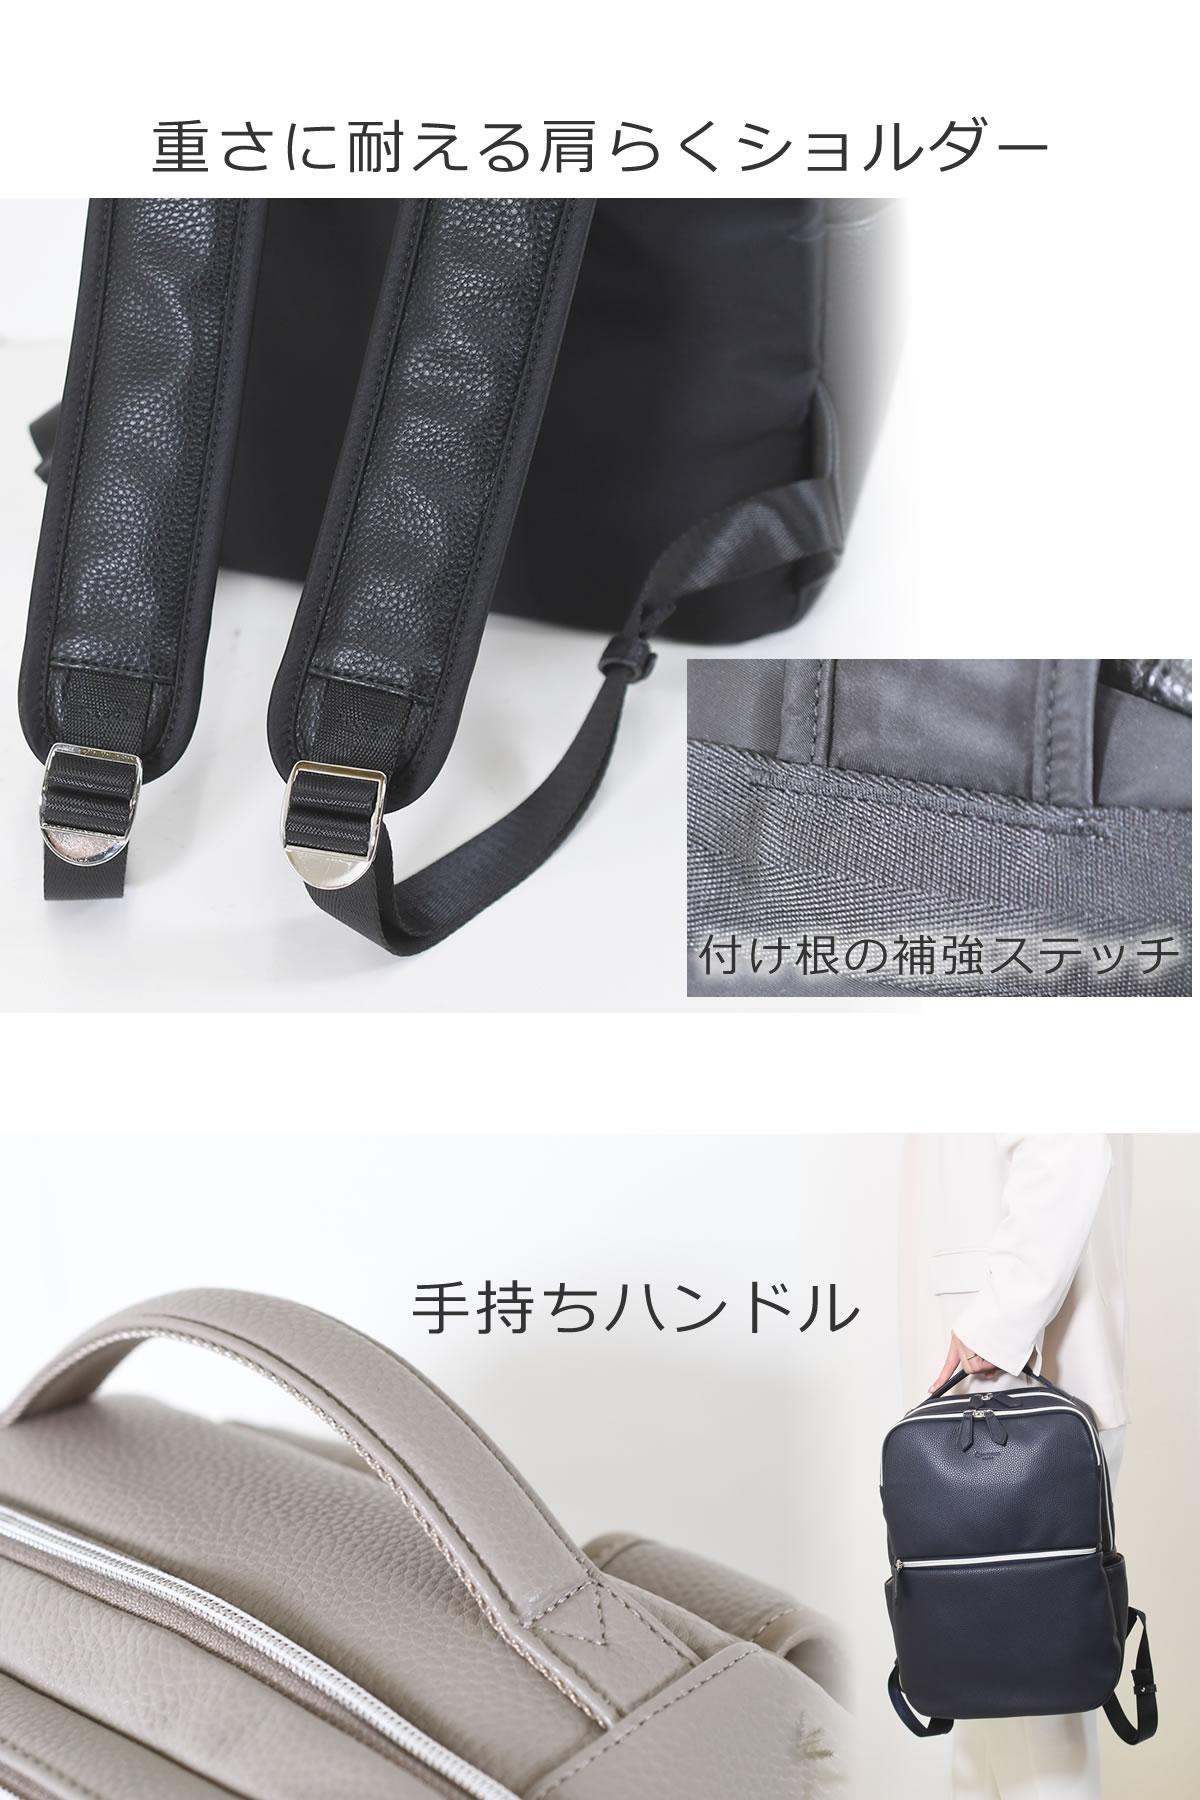 ビジネスバッグ リュック メンズ  ポケット多いビジネスマン 通勤 ポケット 多い 大容量 背面ポケット コンパクト